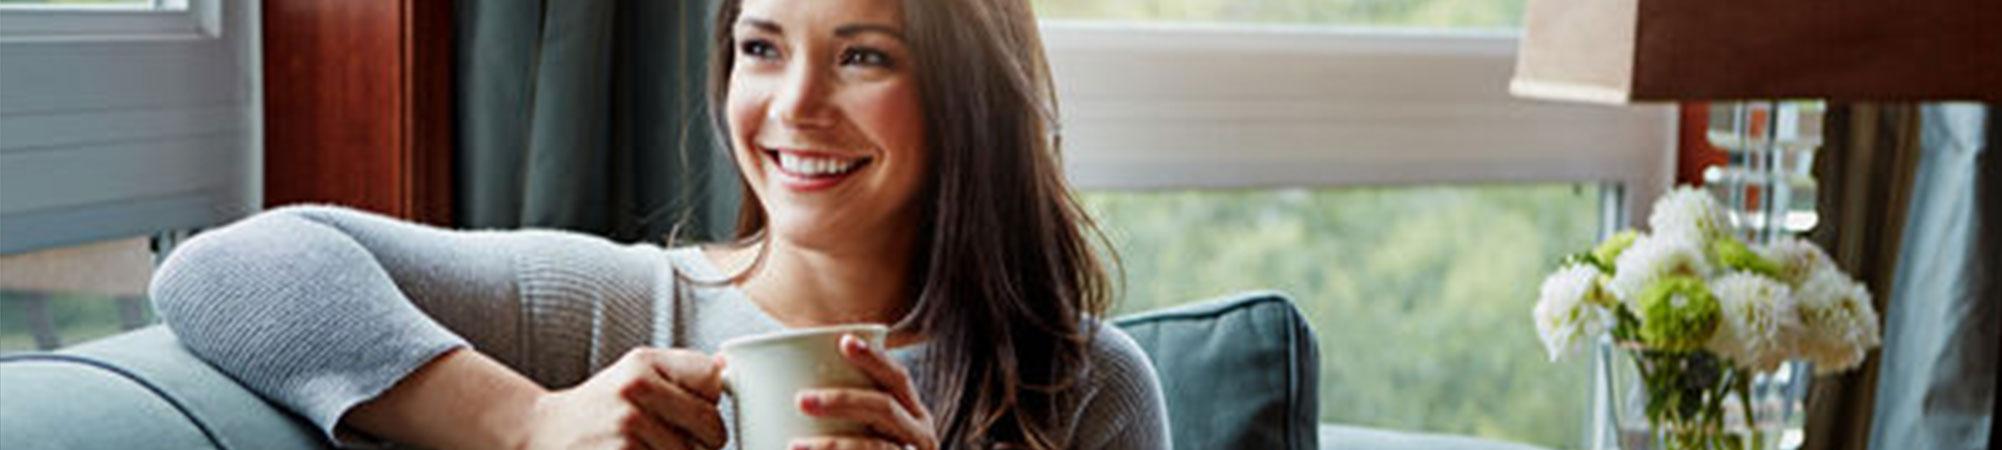 Smart Home-Zubehör: Heizung & Klima